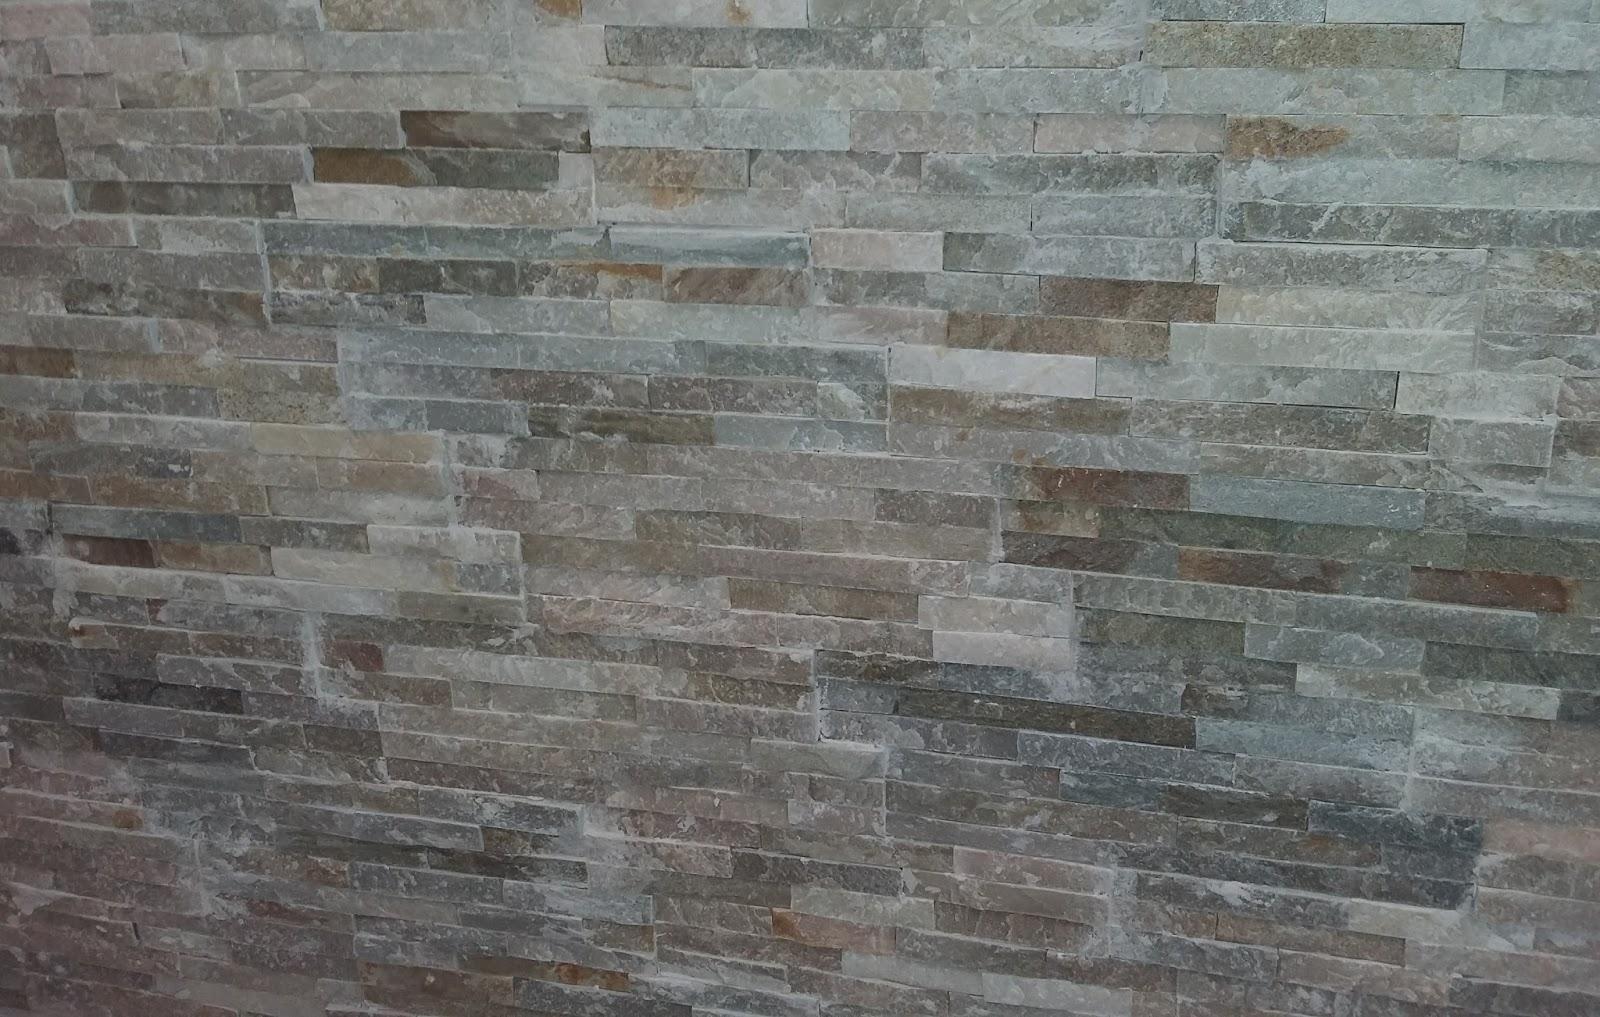 pierre de parement pierre naturel beige design contemporain zen cachet ...